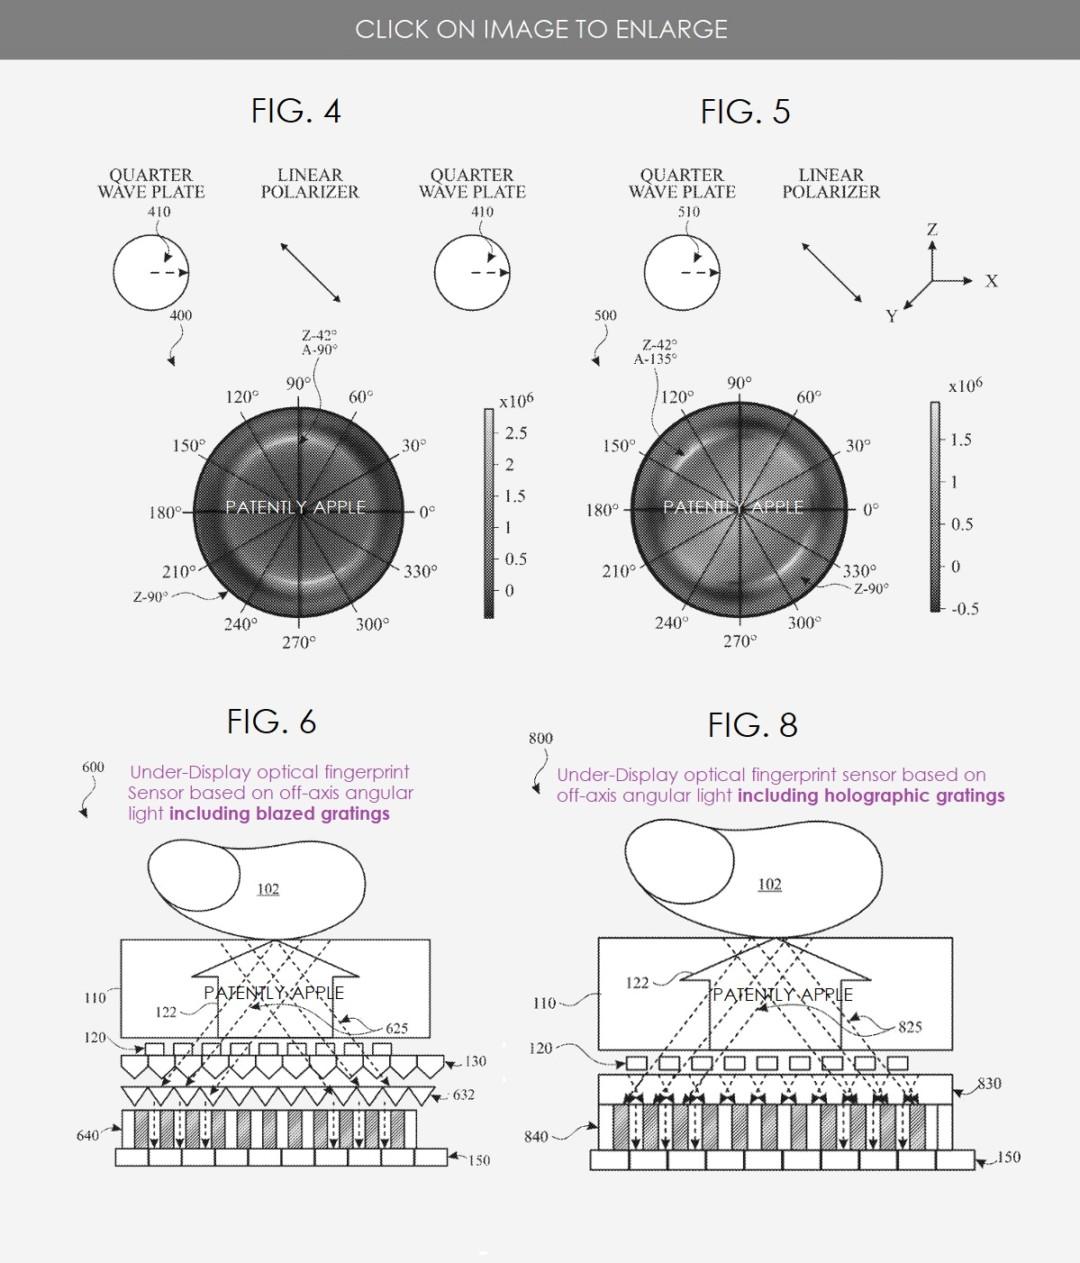 光学式指紋認証センサーの構造3